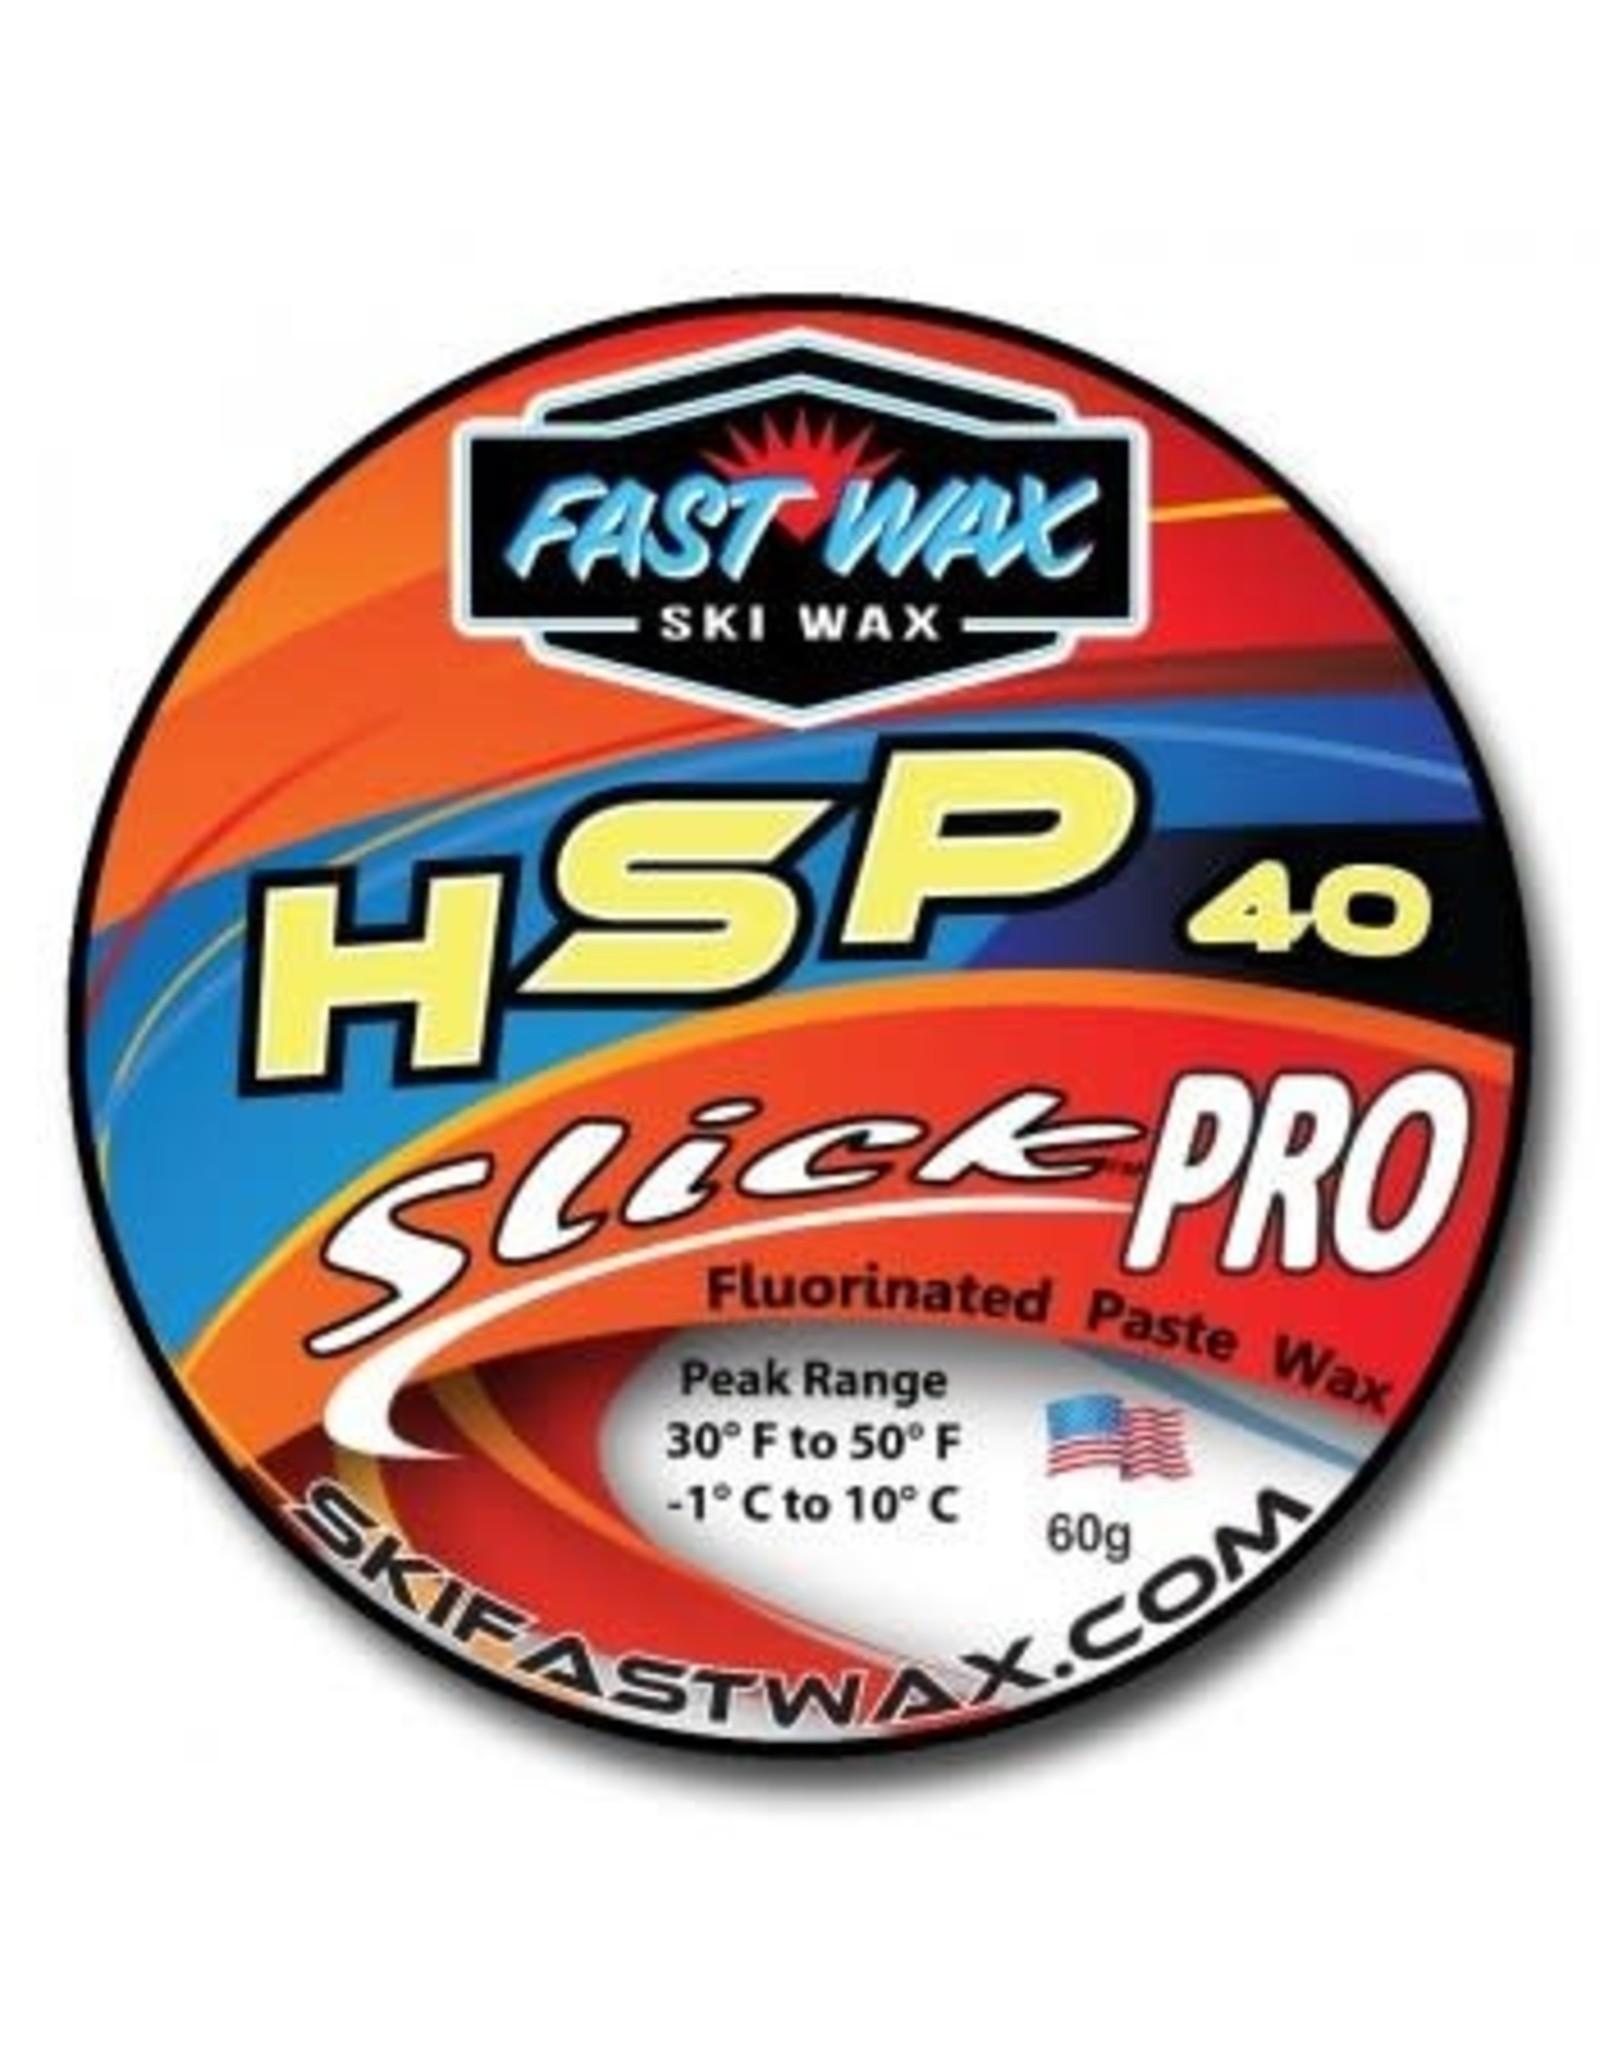 Fast Wax Fast Wax SlickPro HSP 40 Yellow